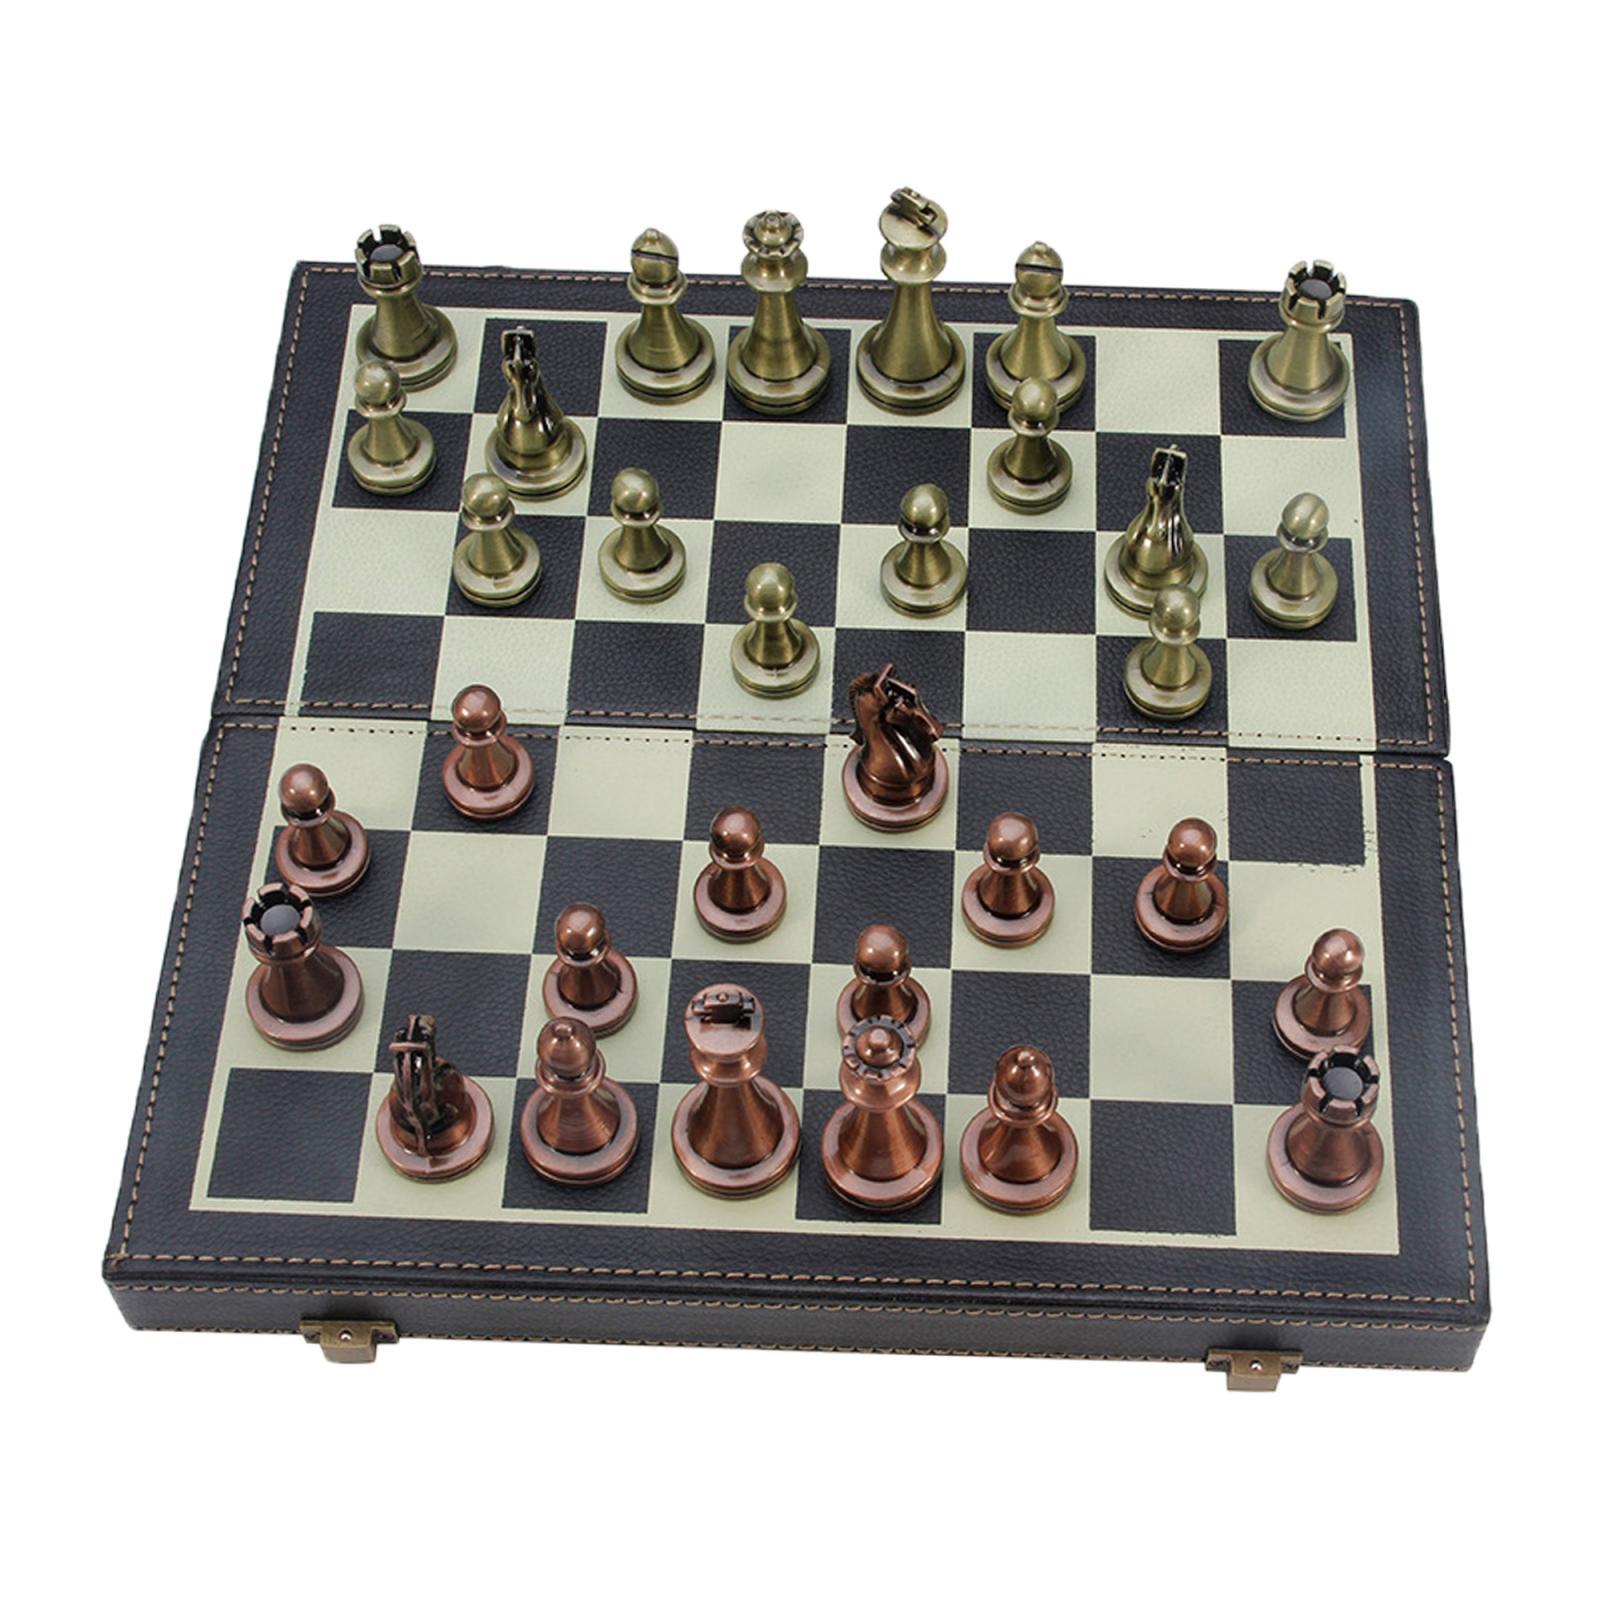 Tablero de ajedrez de Cuero y Madera Vintage plegable